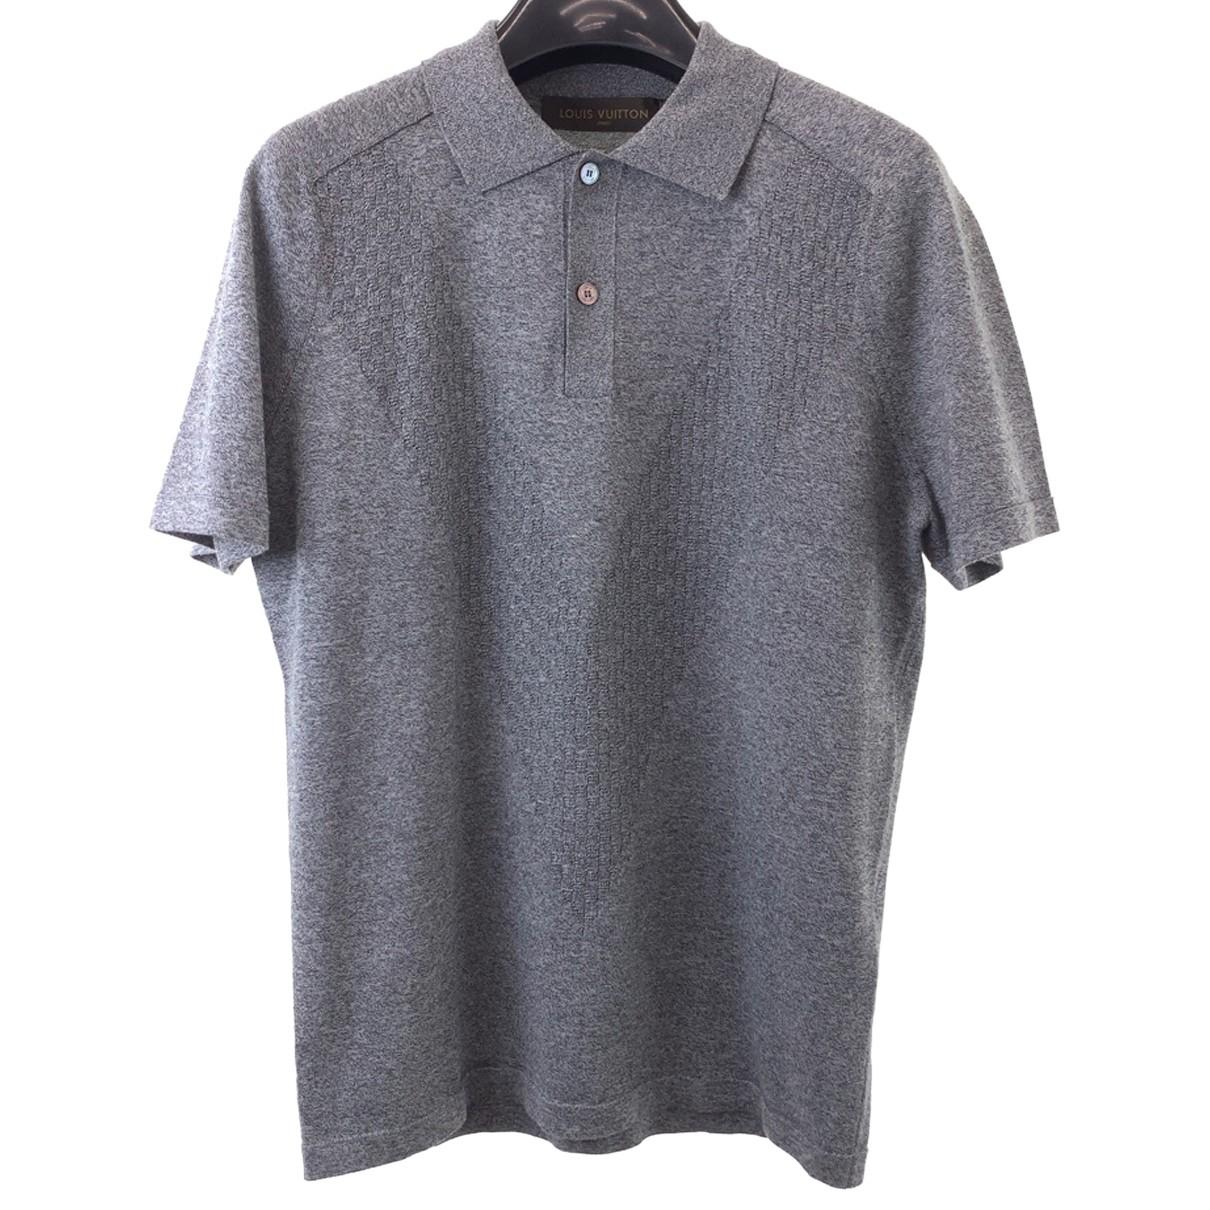 Louis Vuitton - Polos   pour homme en coton - gris